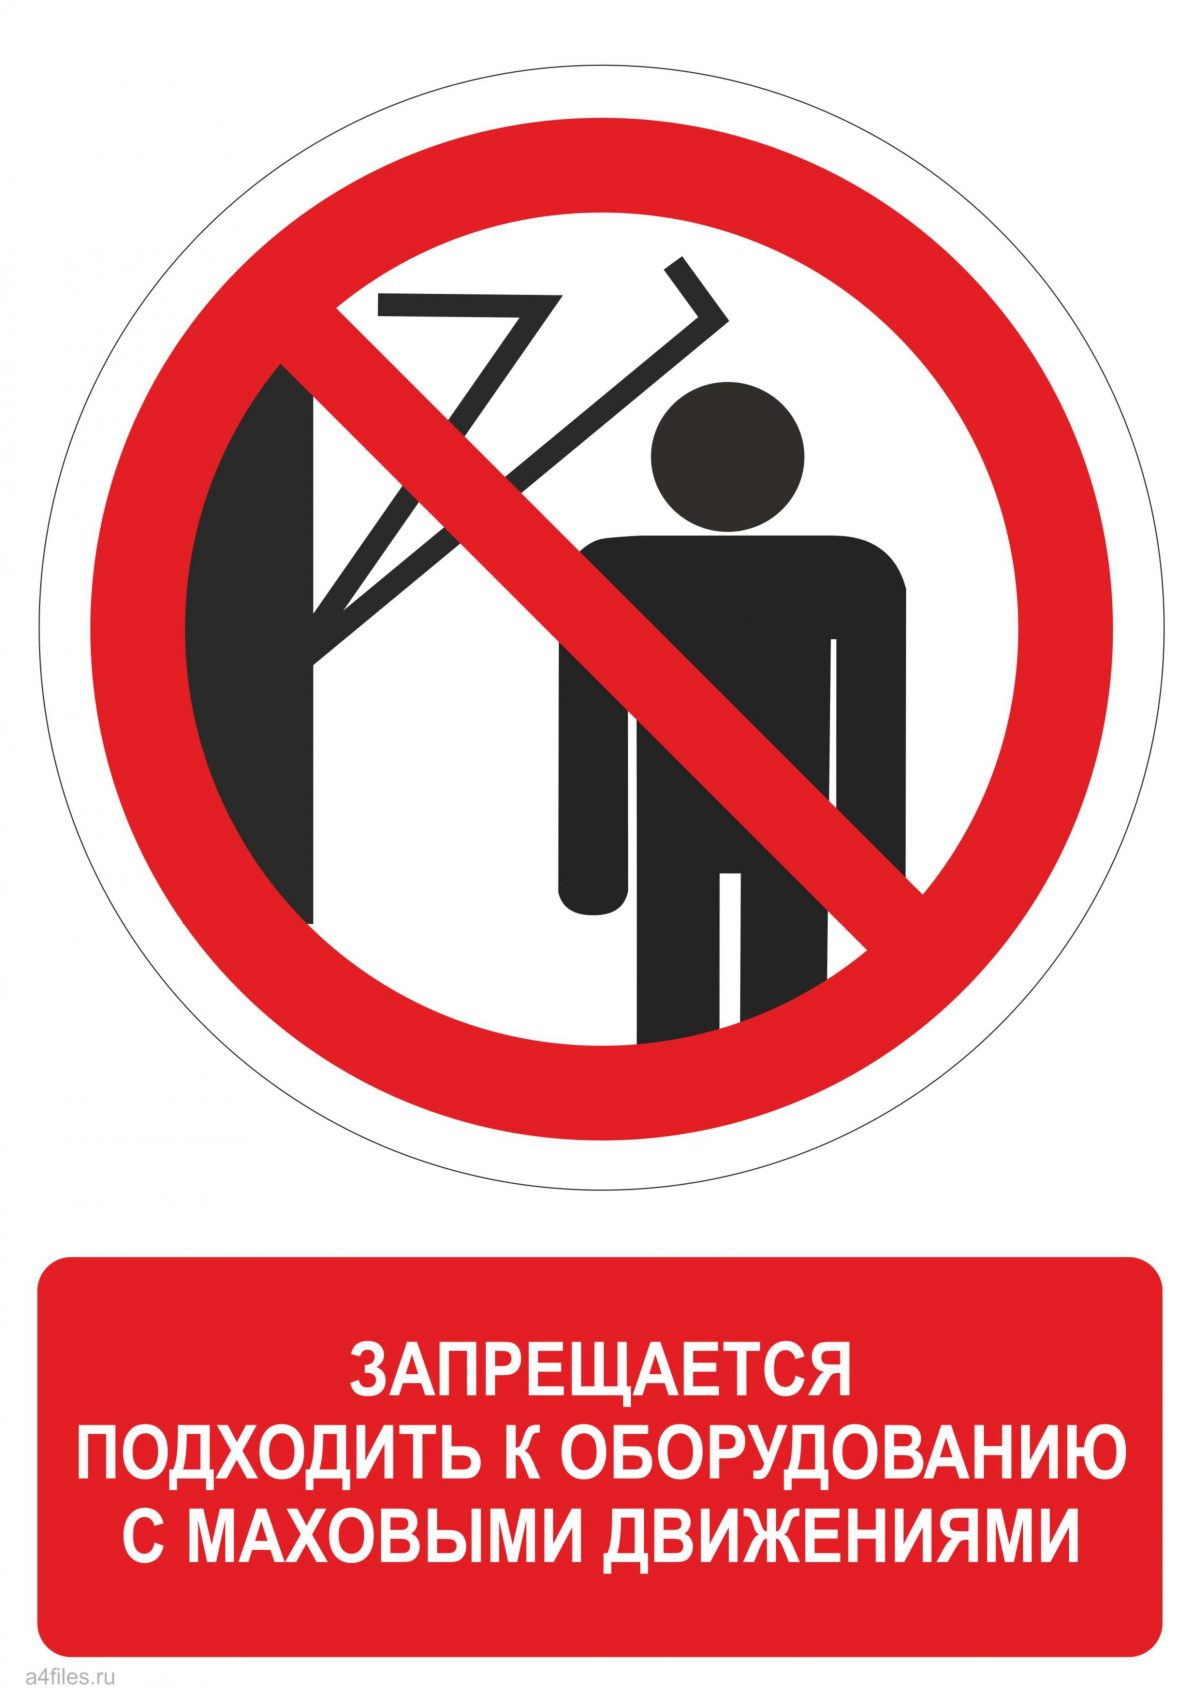 Знак запрещающий подходить к оборудованию с маховыми движениями